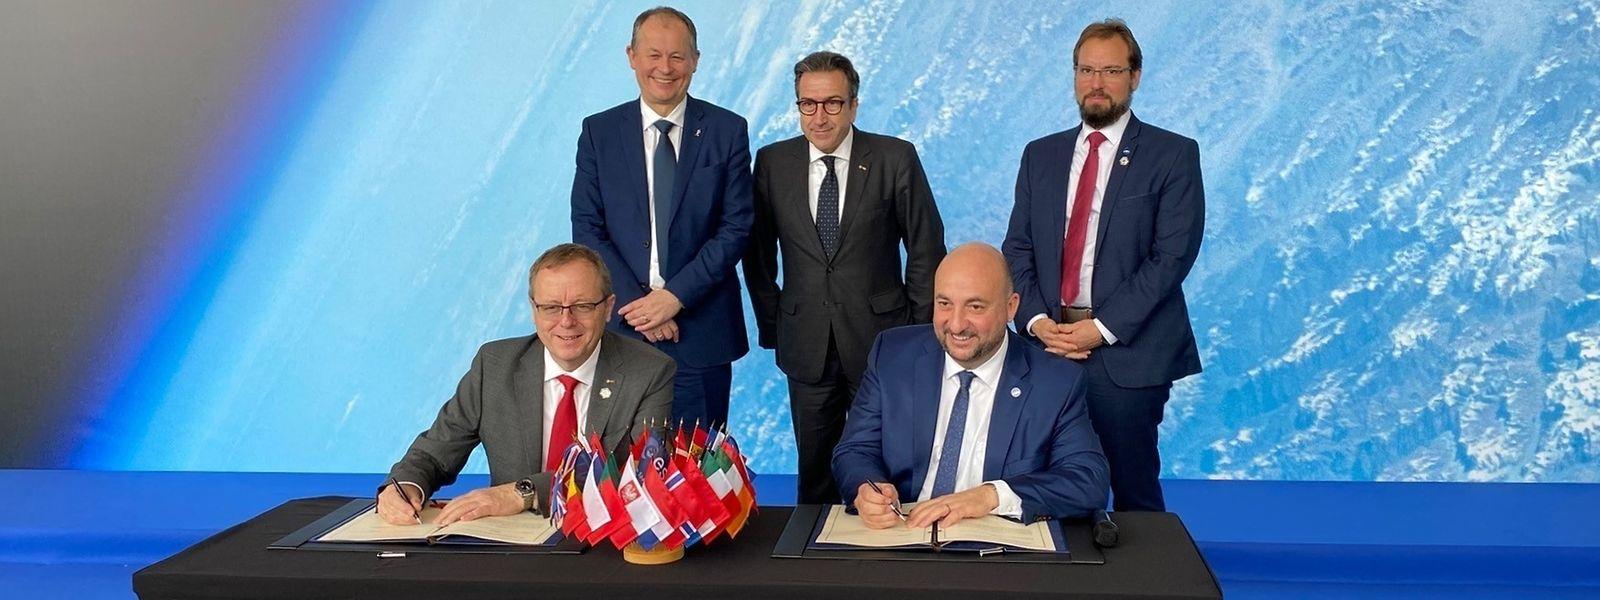 Jan Wörne, le directeur général de l'ESA et Etienne Schneider, vice-Premier ministre, paraphent l'accord à Séville.